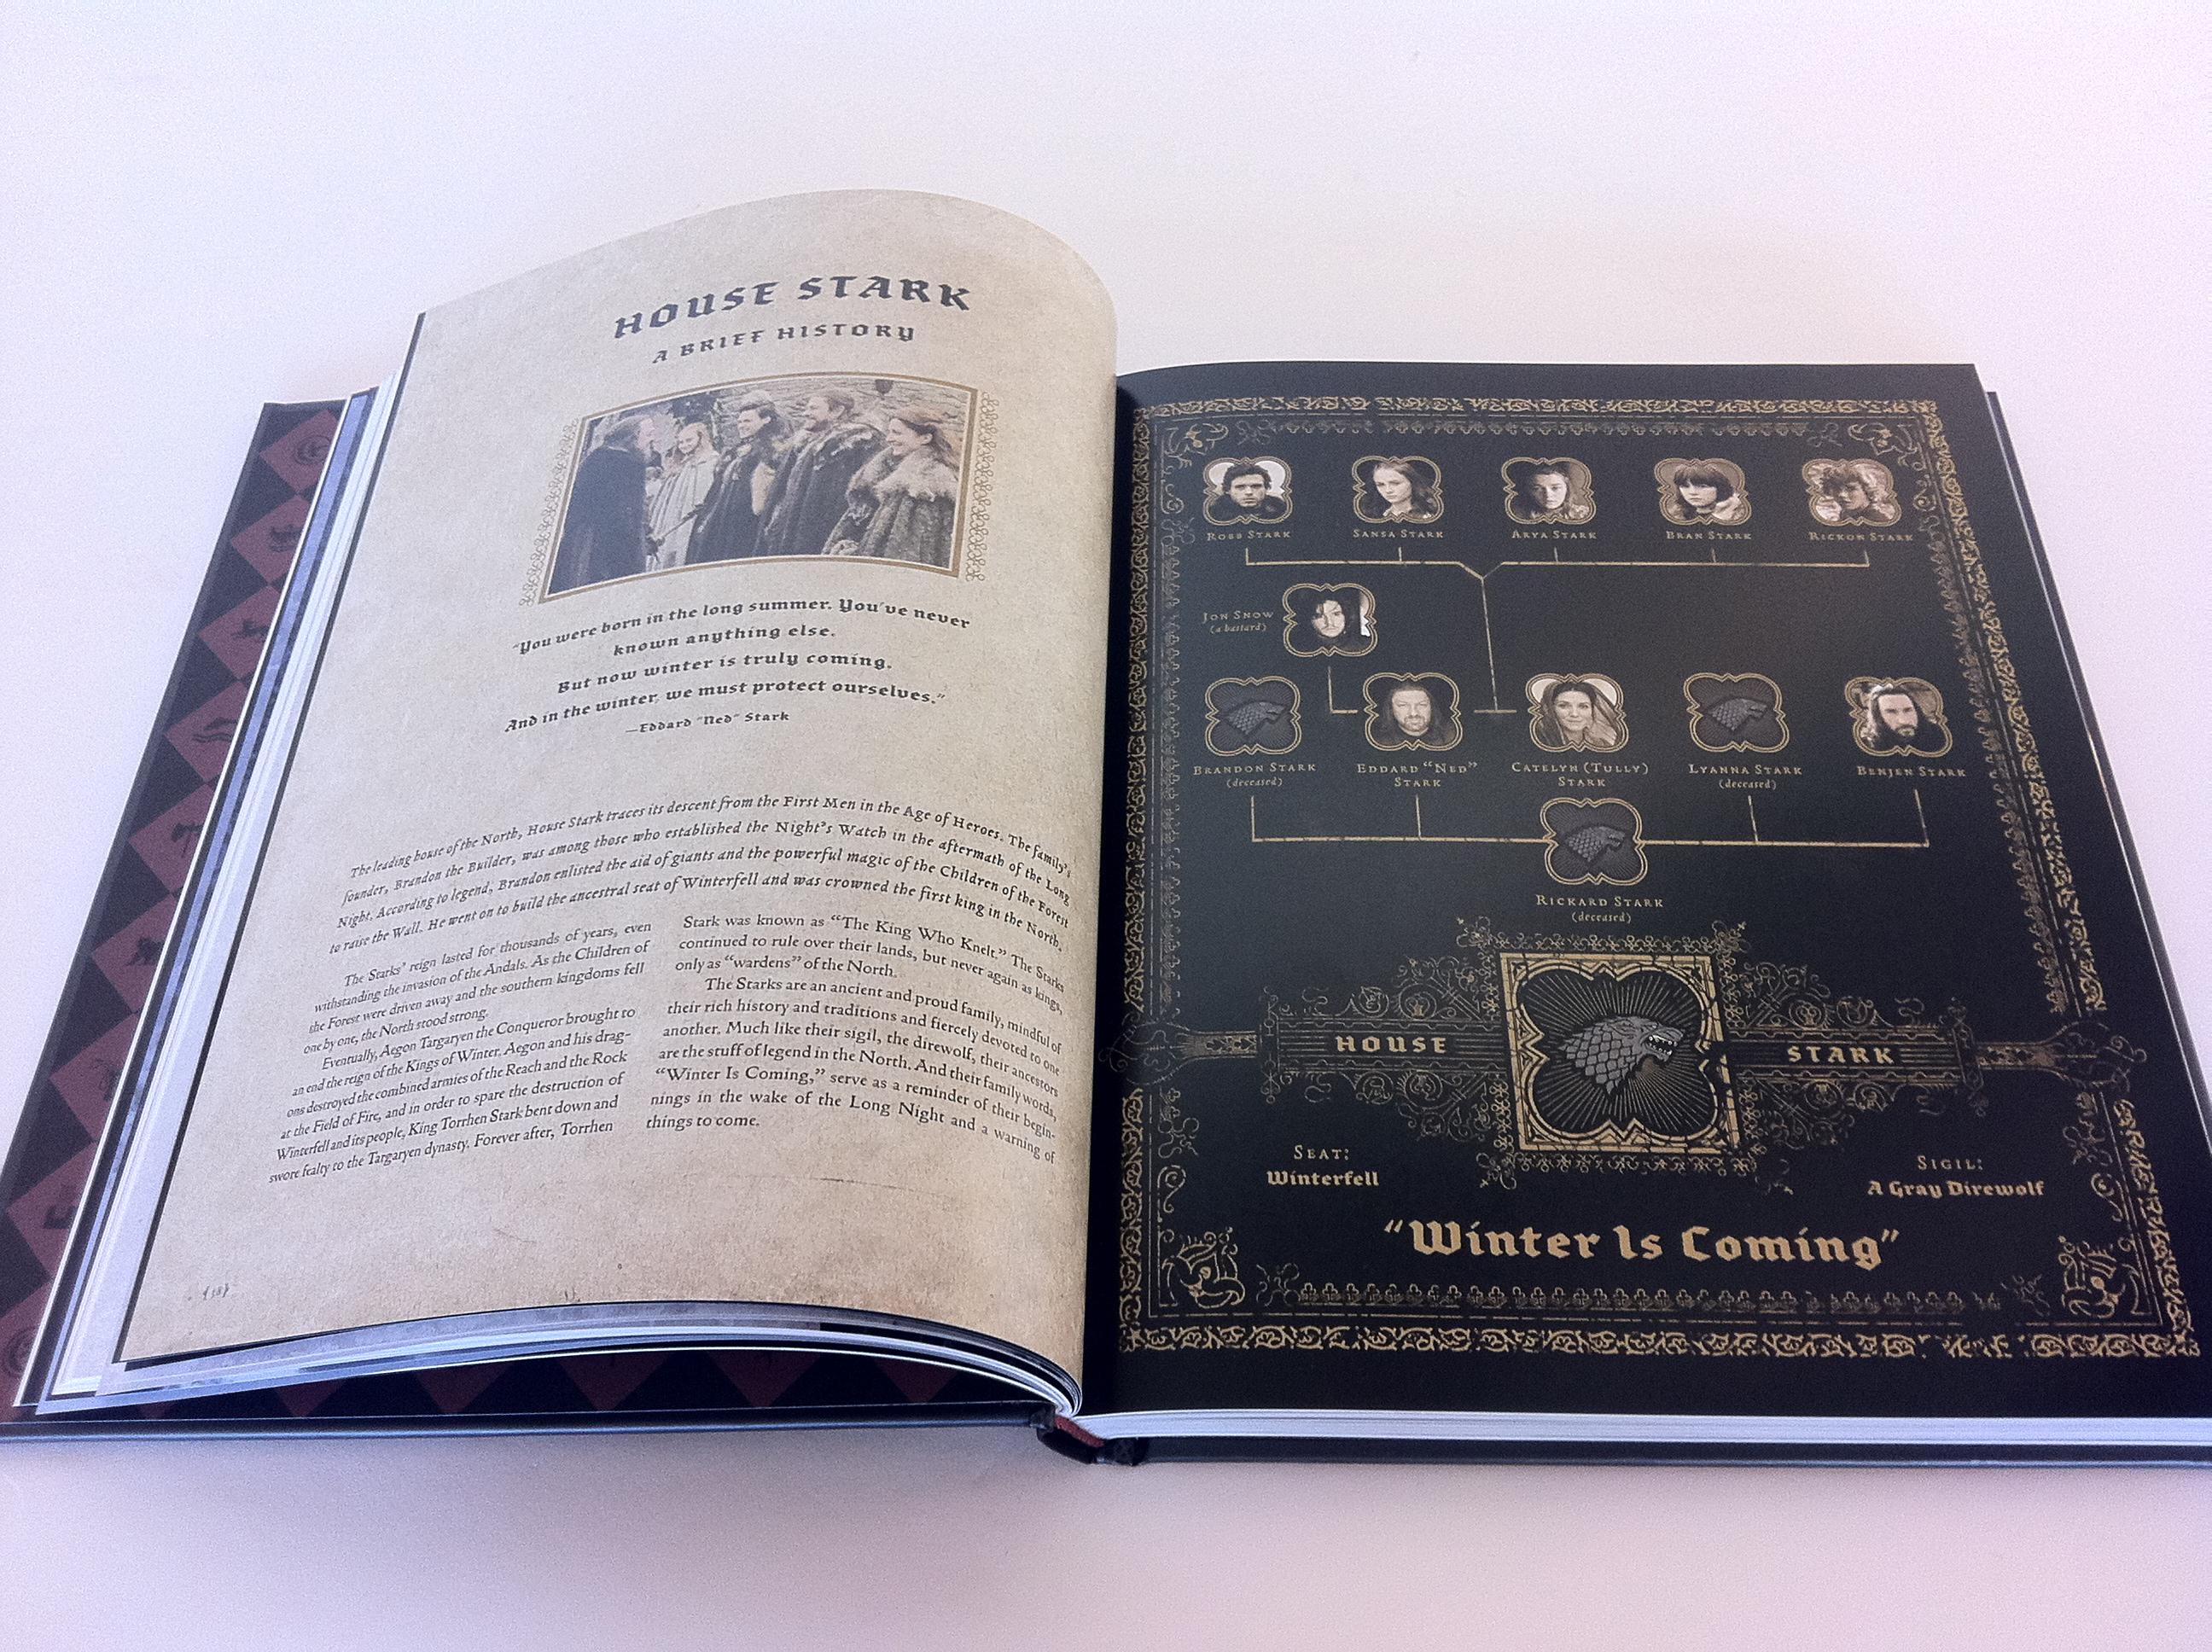 Game of thrones literature